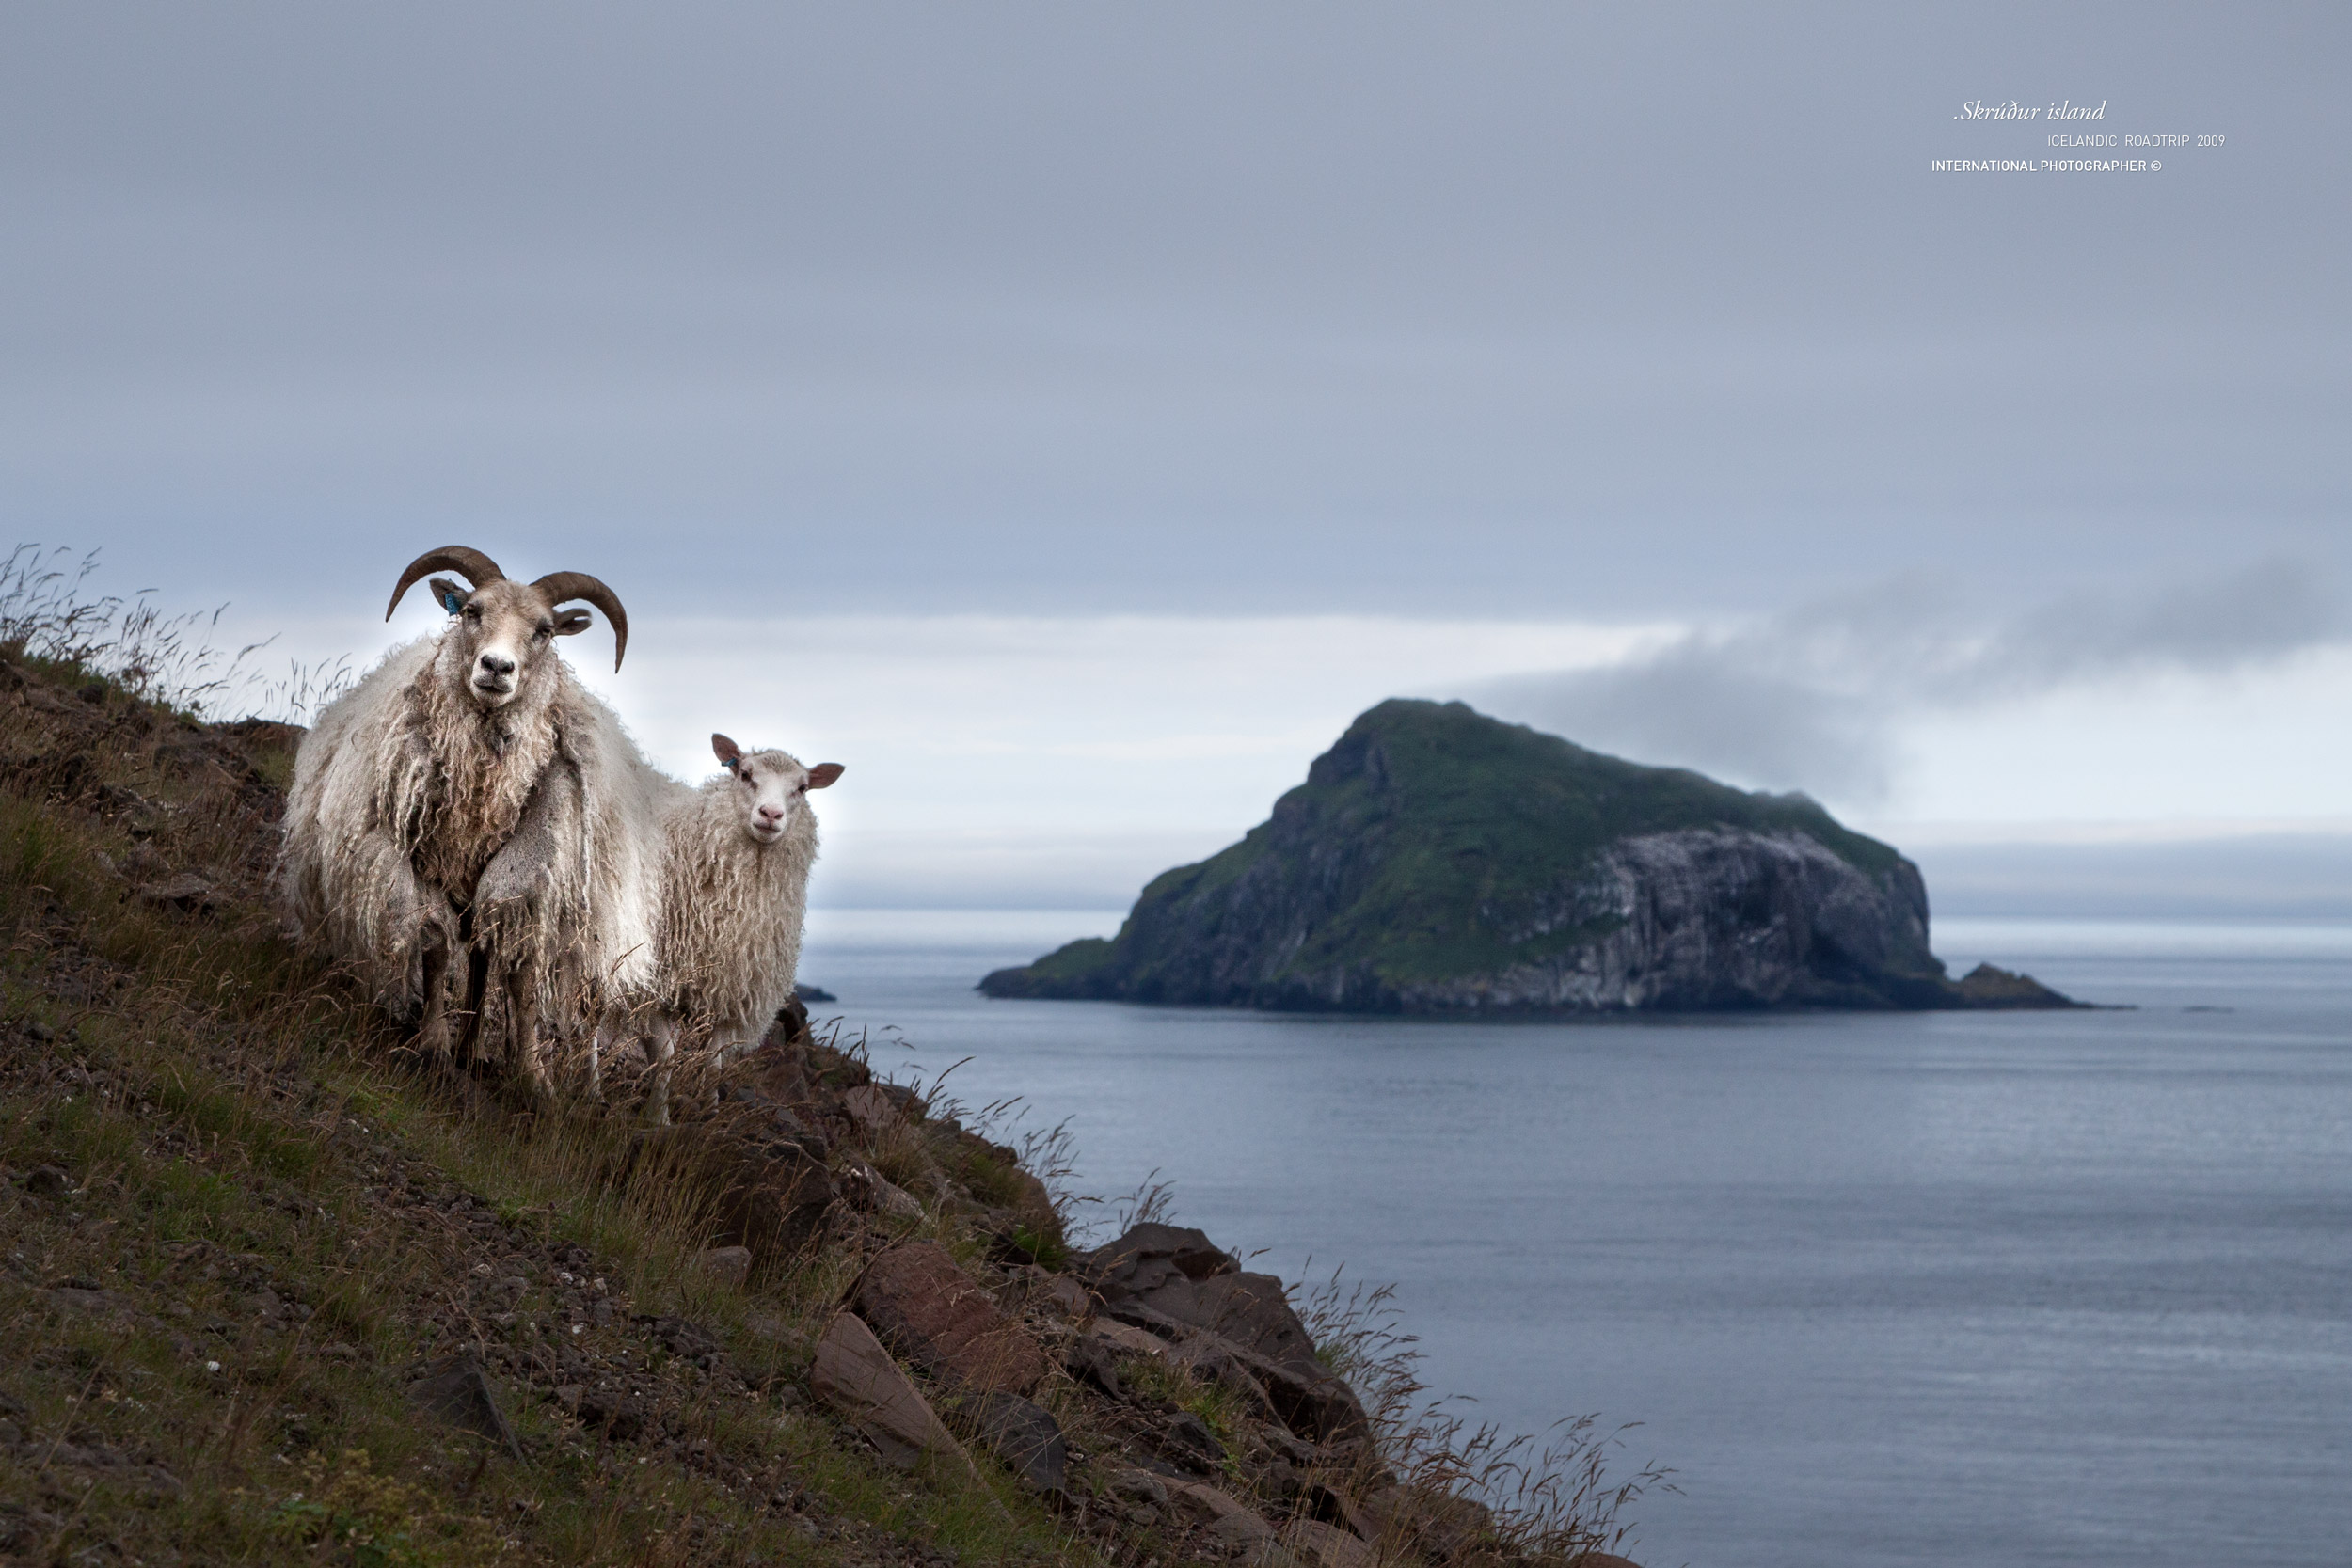 Couple de moutons prenant la pose devant l'Ile de Skrudur